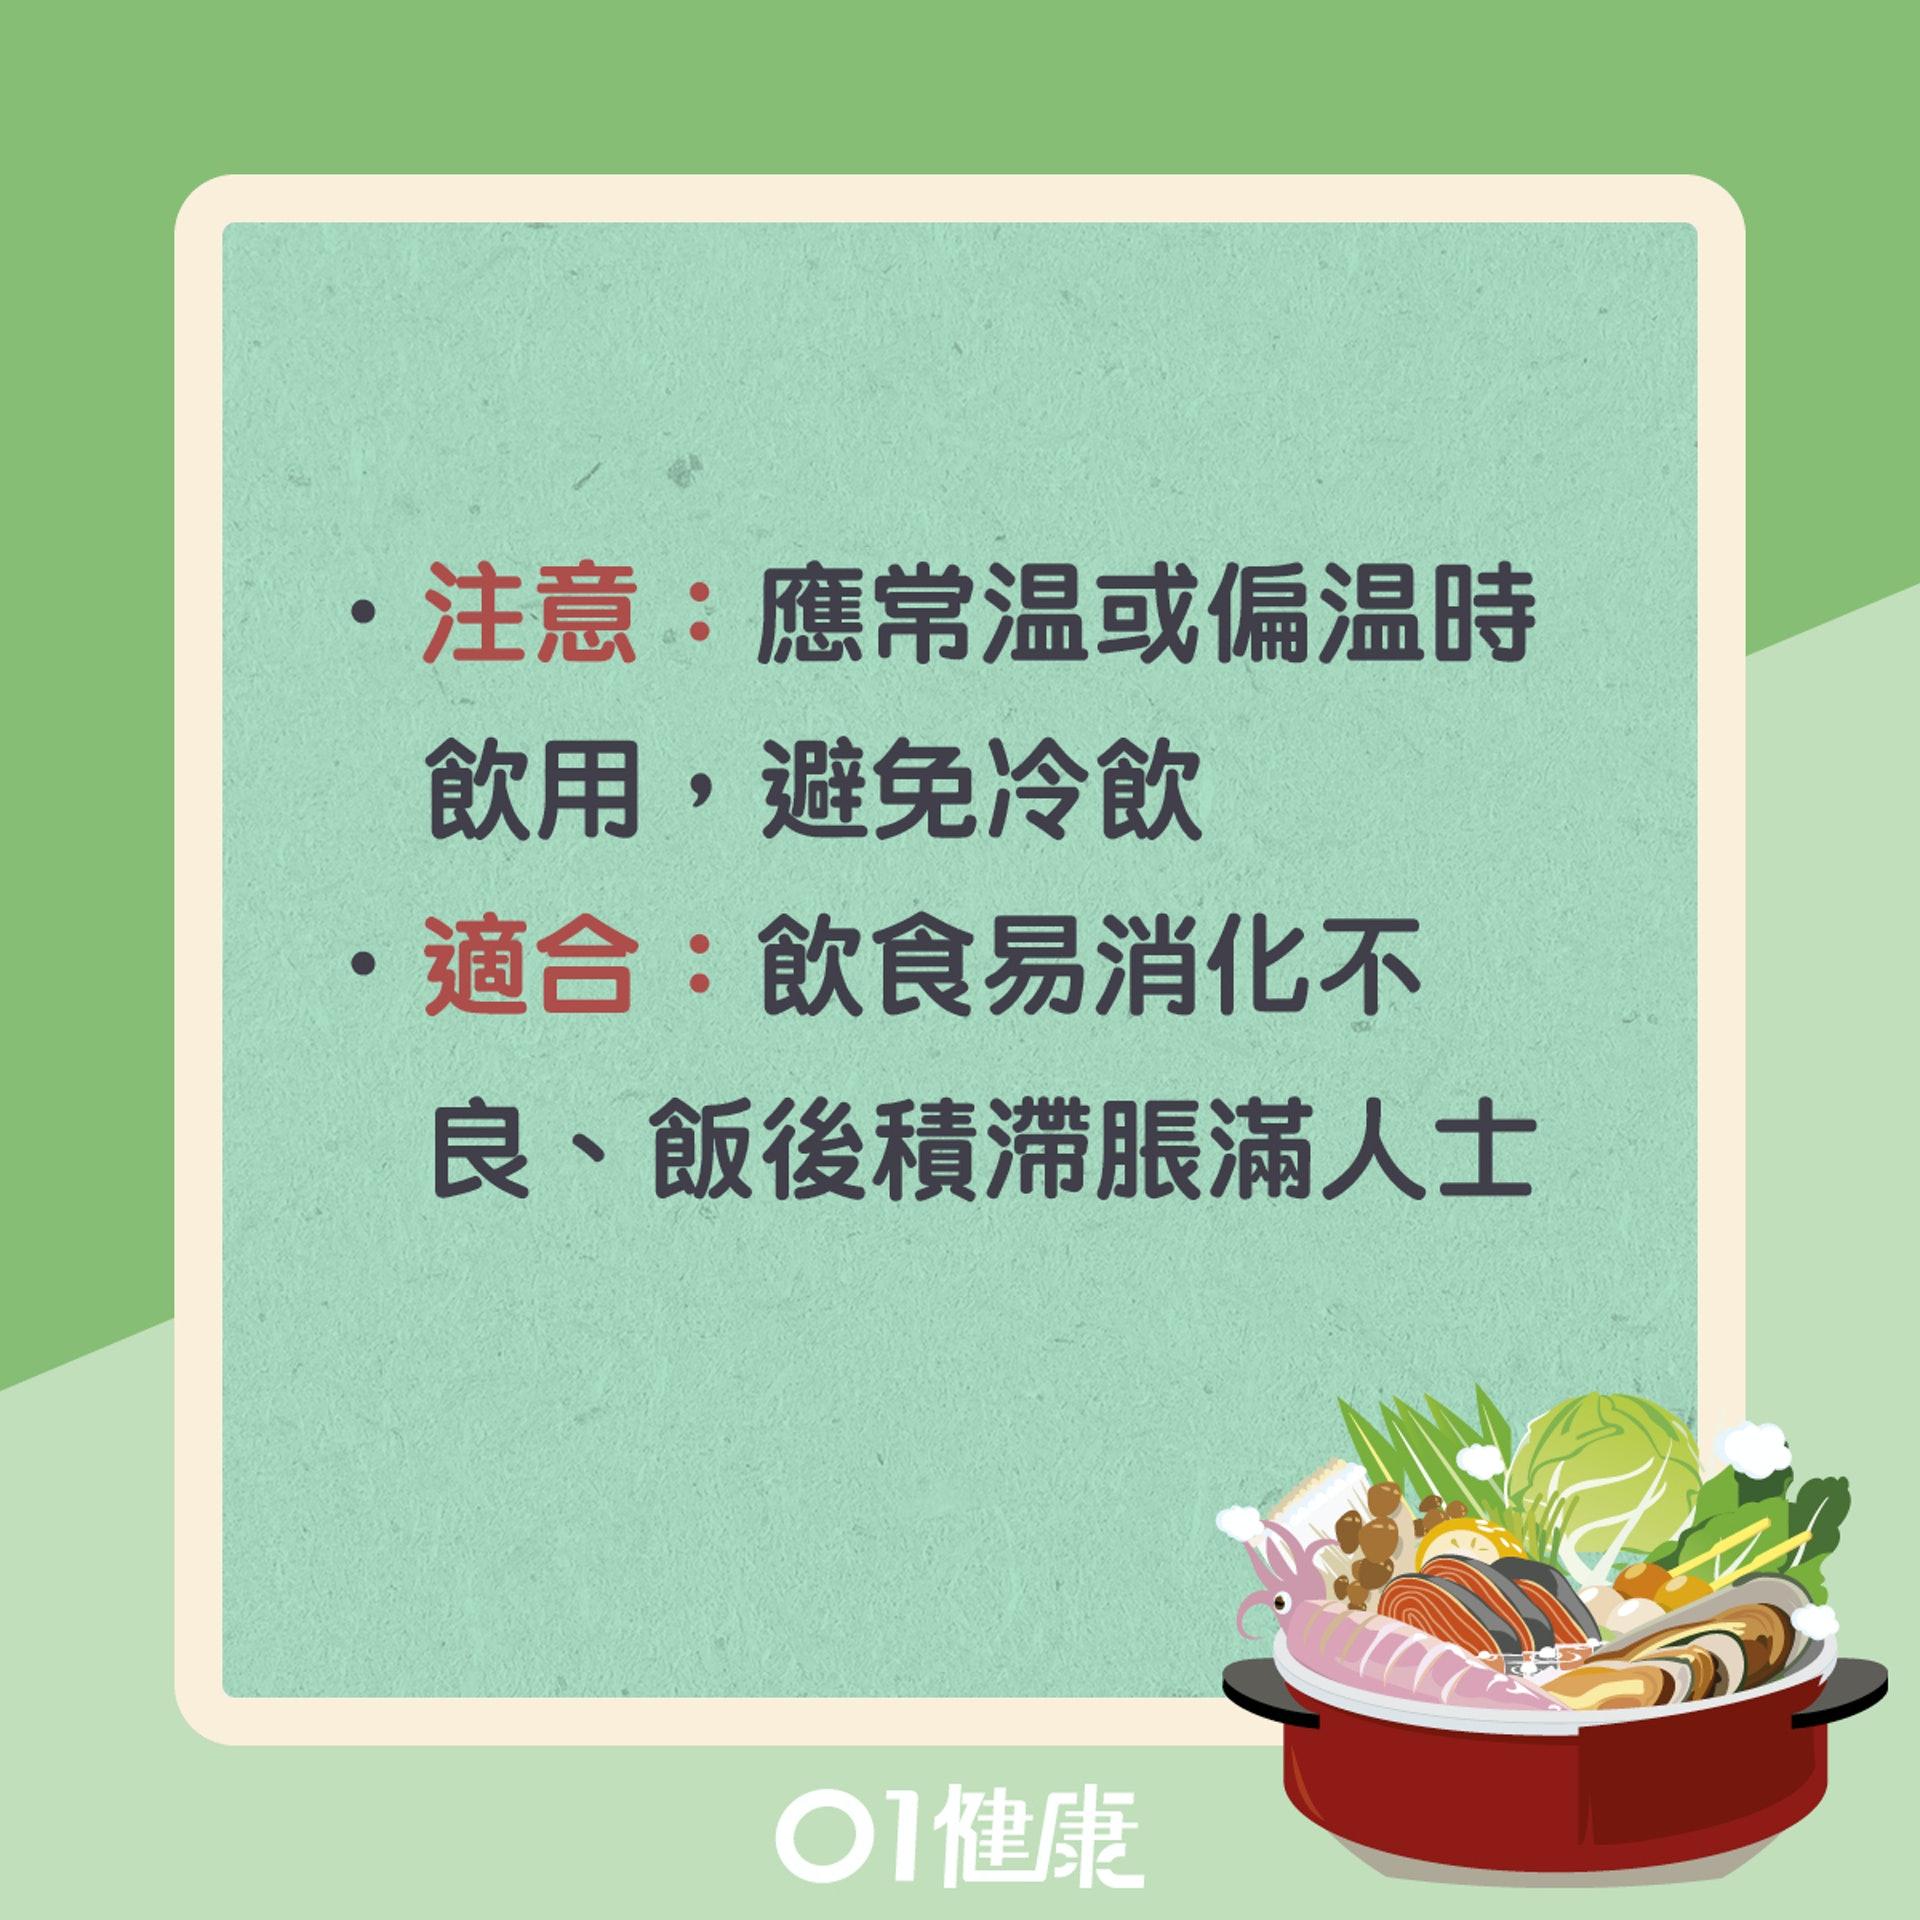 酸梅湯(01製圖)